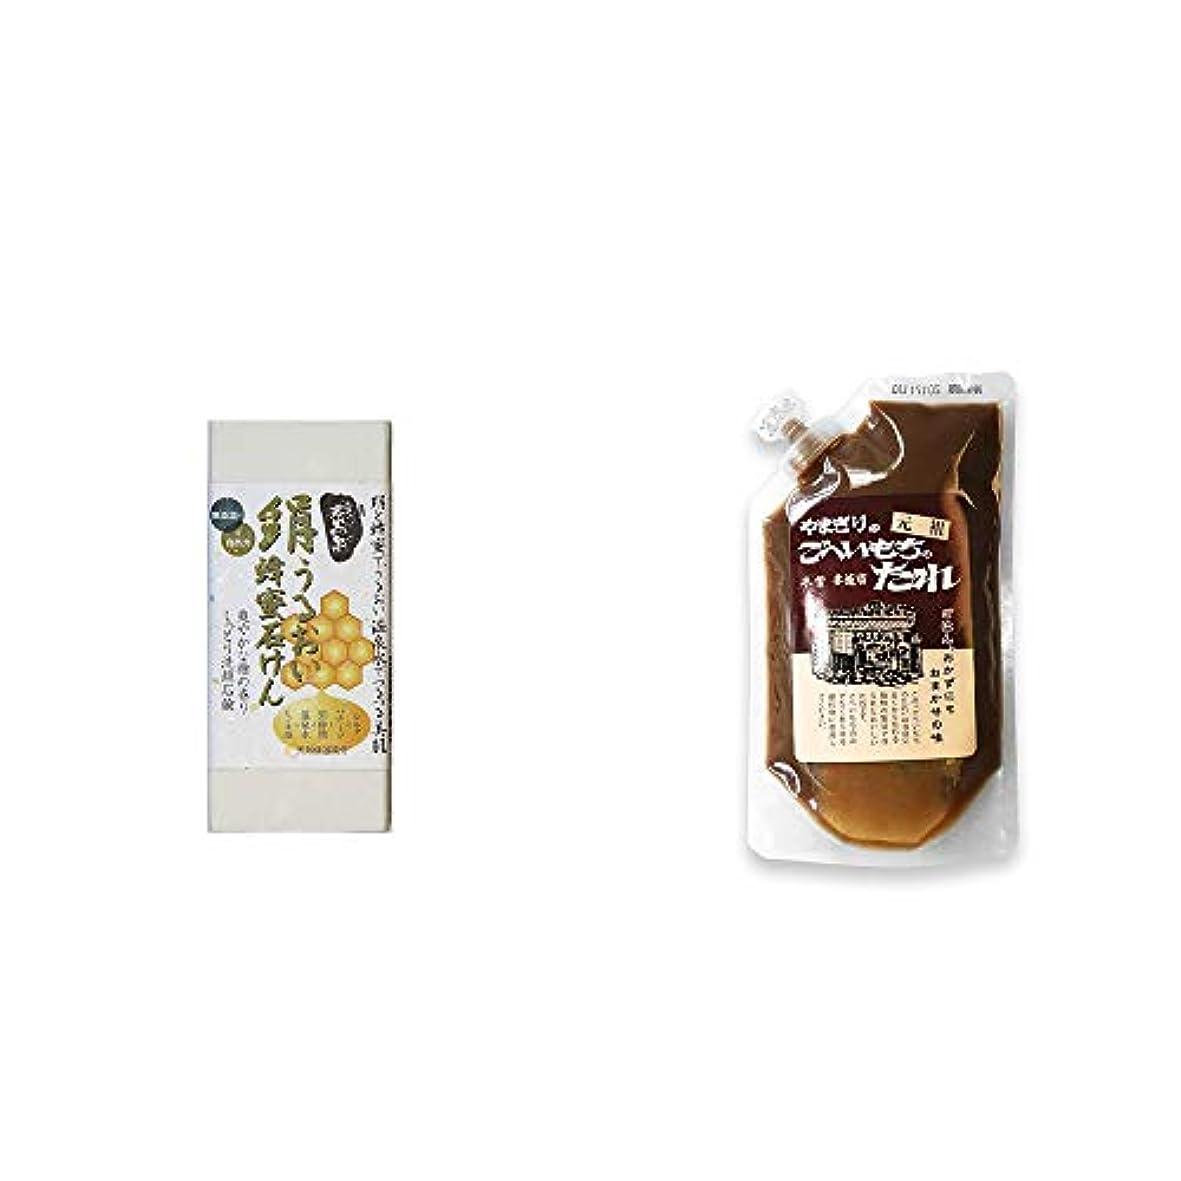 ループ正当なボンド[2点セット] ひのき炭黒泉 絹うるおい蜂蜜石けん(75g×2)?妻籠宿 やまぎり食堂 ごへい餅のたれ(250g)